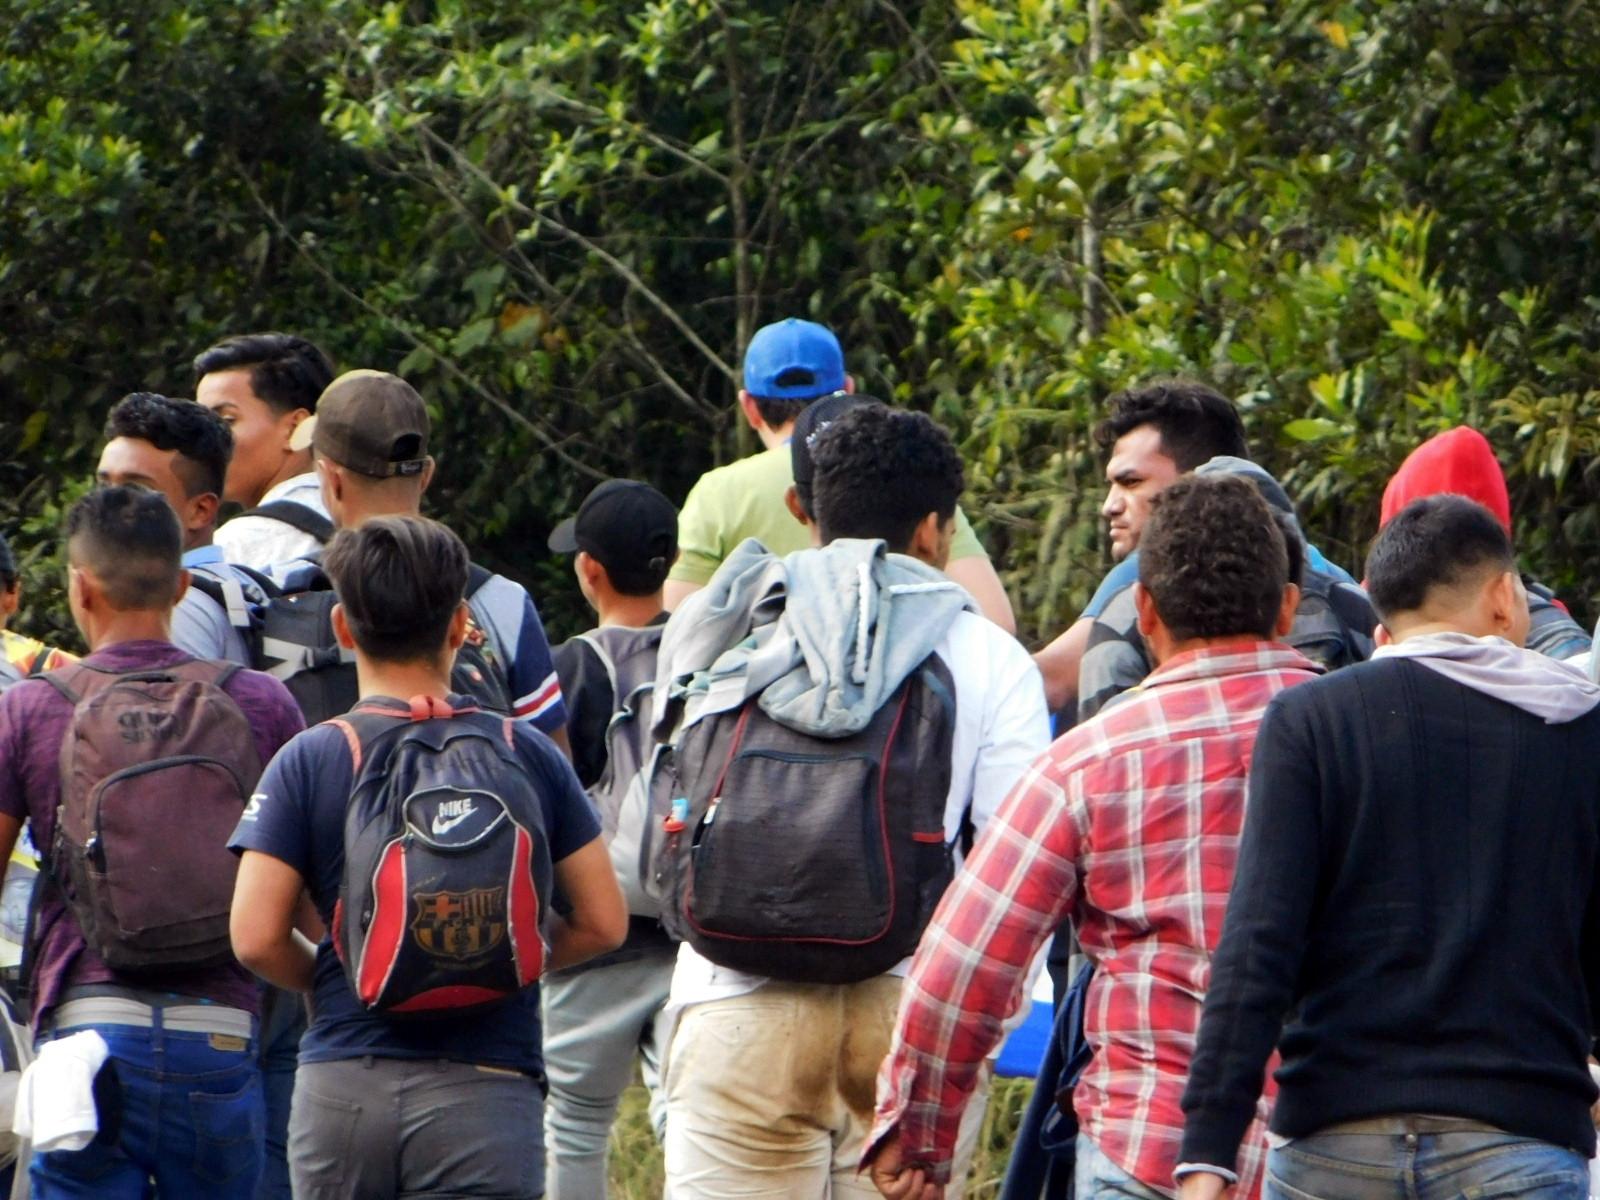 Recorrer la ruta migratoria es un acto de valentía. Las caravanas son utilizadas por muchas personas para disminuir riesgos y aporyarse mutuamente, debido a que la ruta es larga y peligrosa.